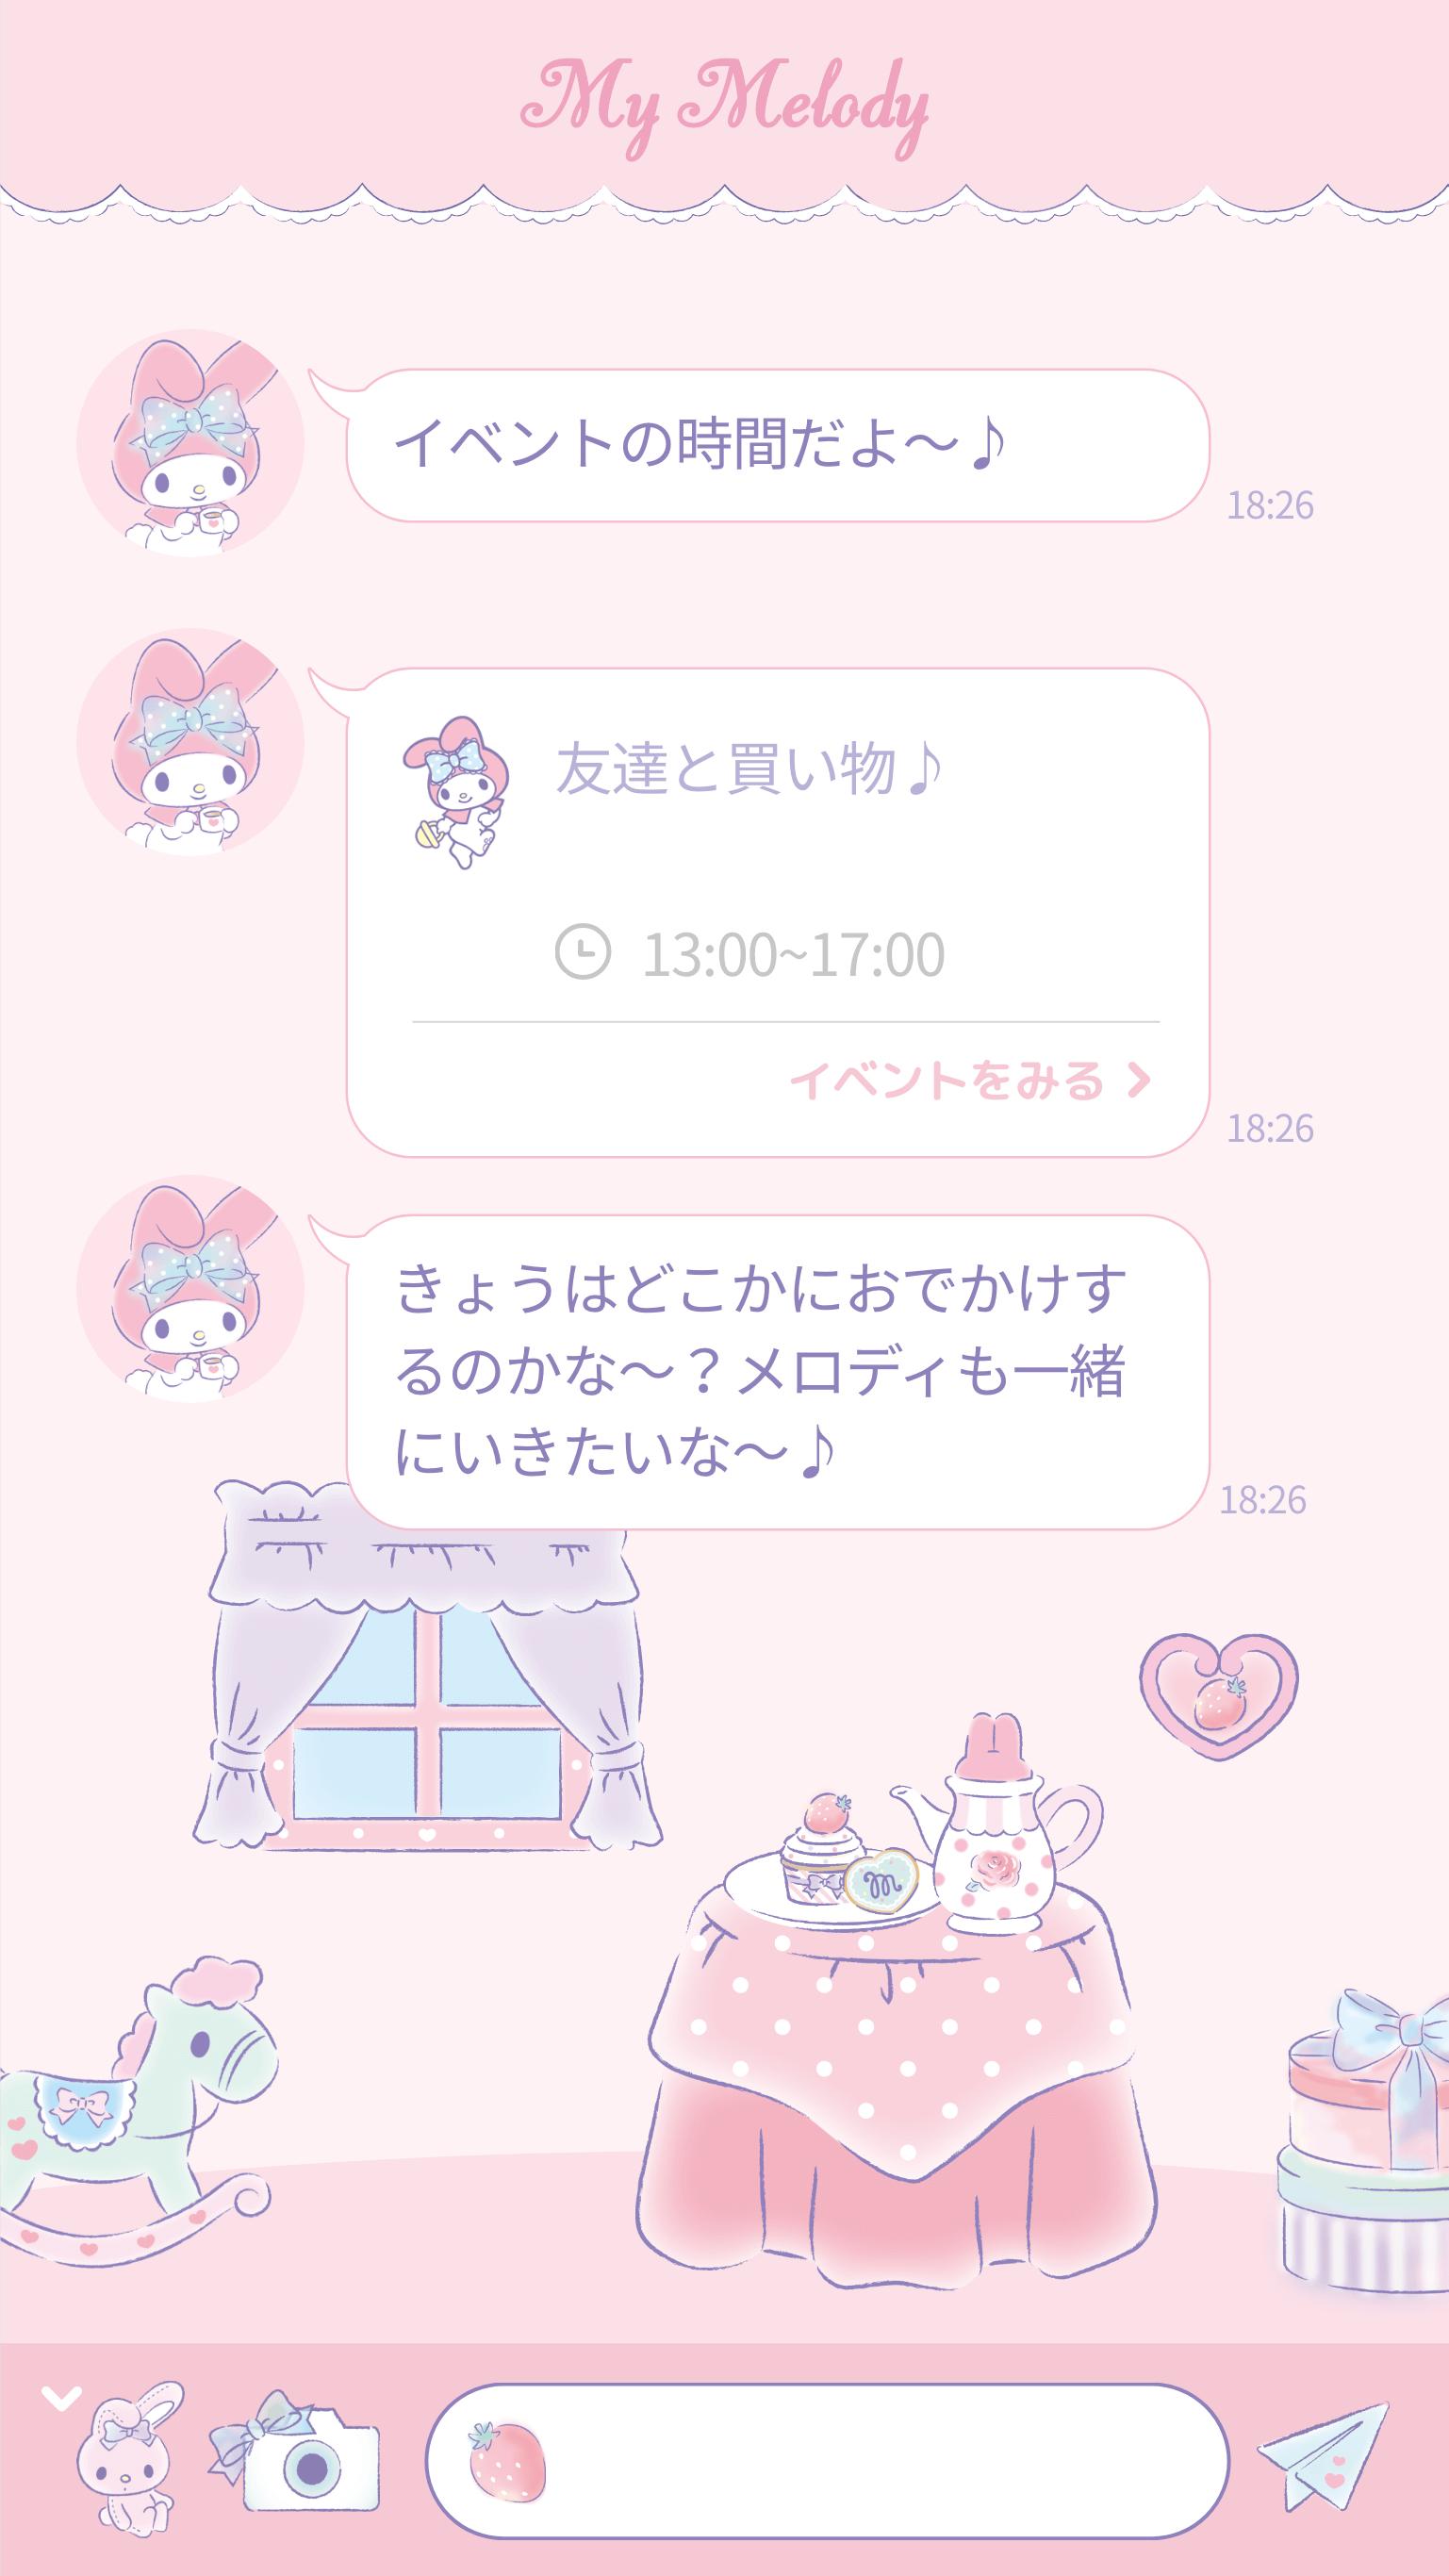 マイメロディ アプリ My Melody 美樂蒂 schedulealart